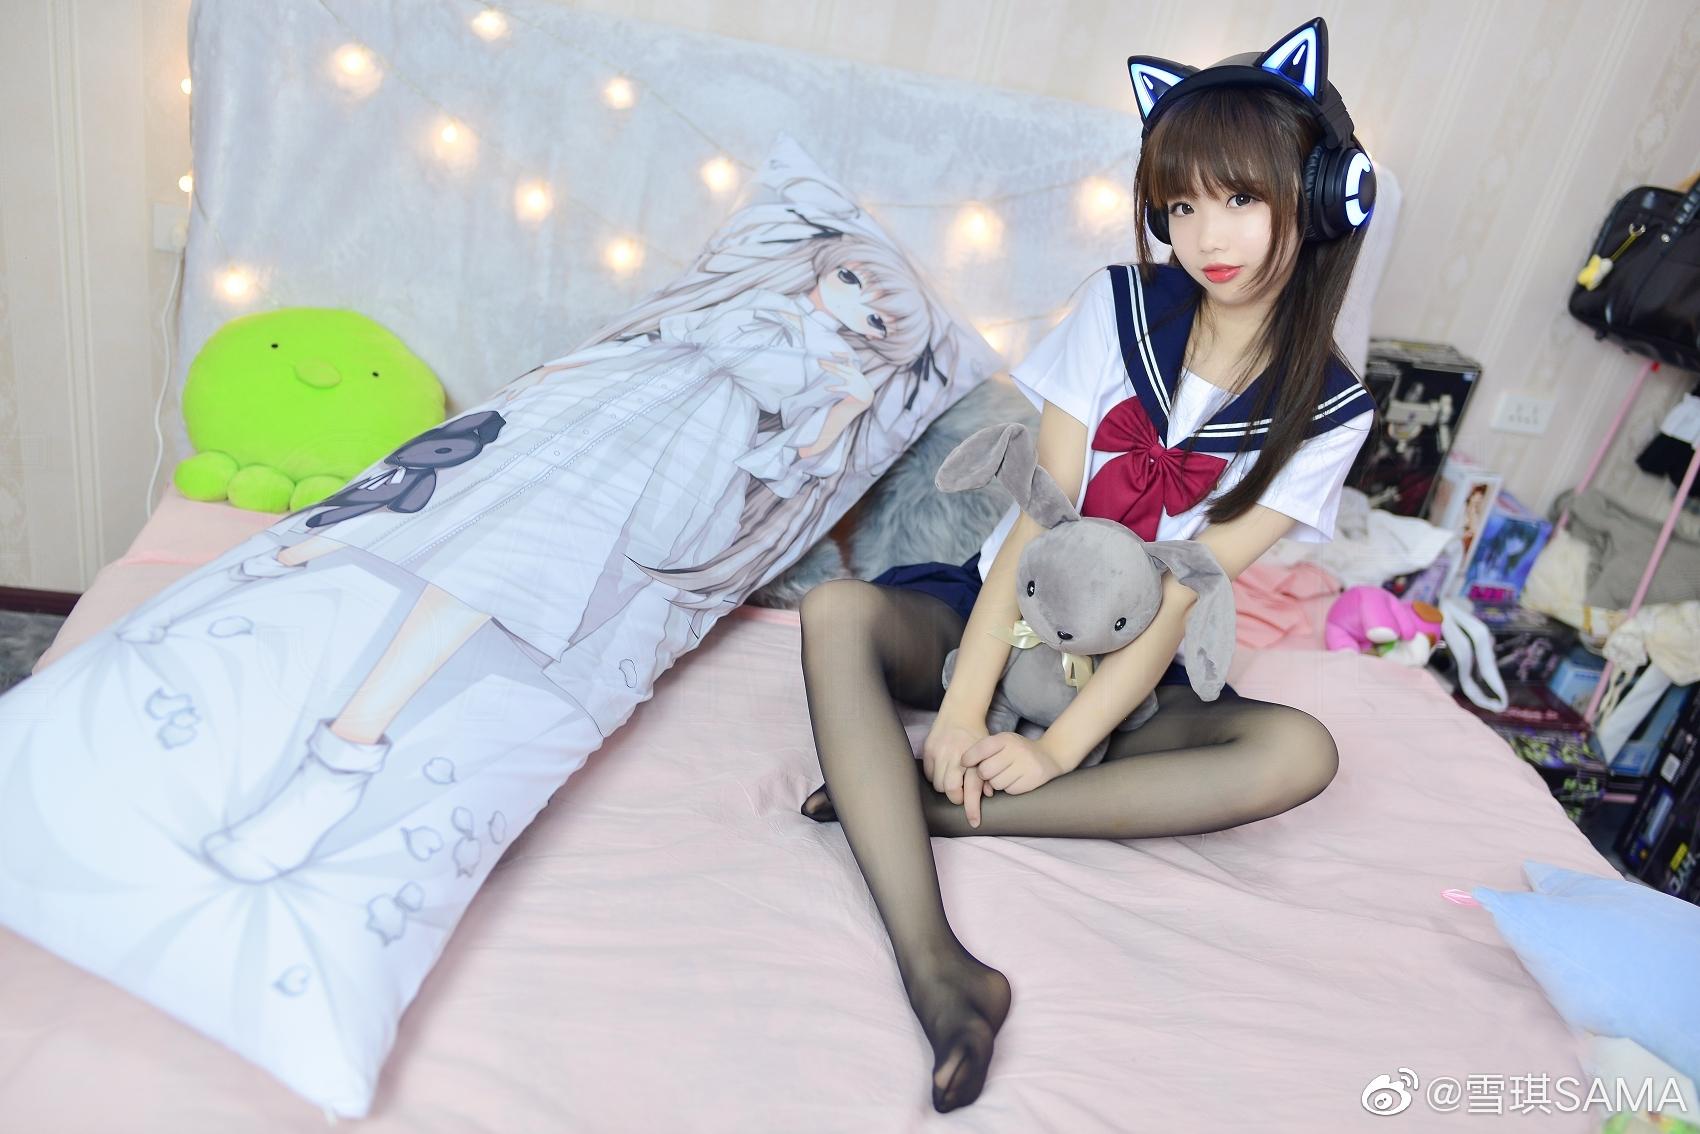 这就是你喜欢的JK制服小姐姐吗?